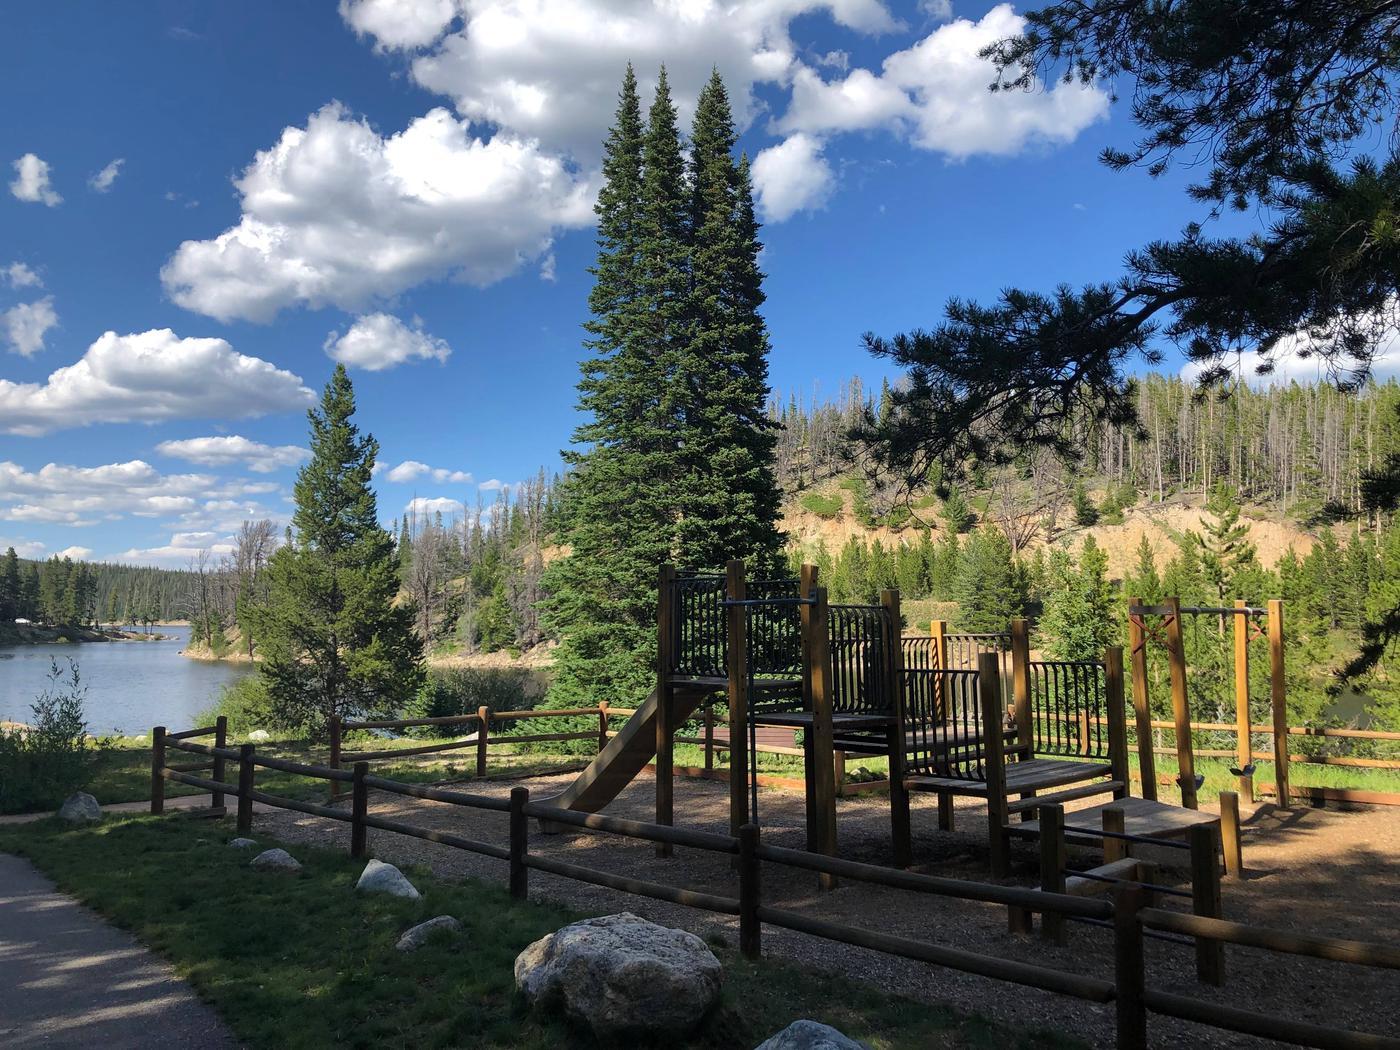 CHAMBERS LAKE PlaygroundPlayground